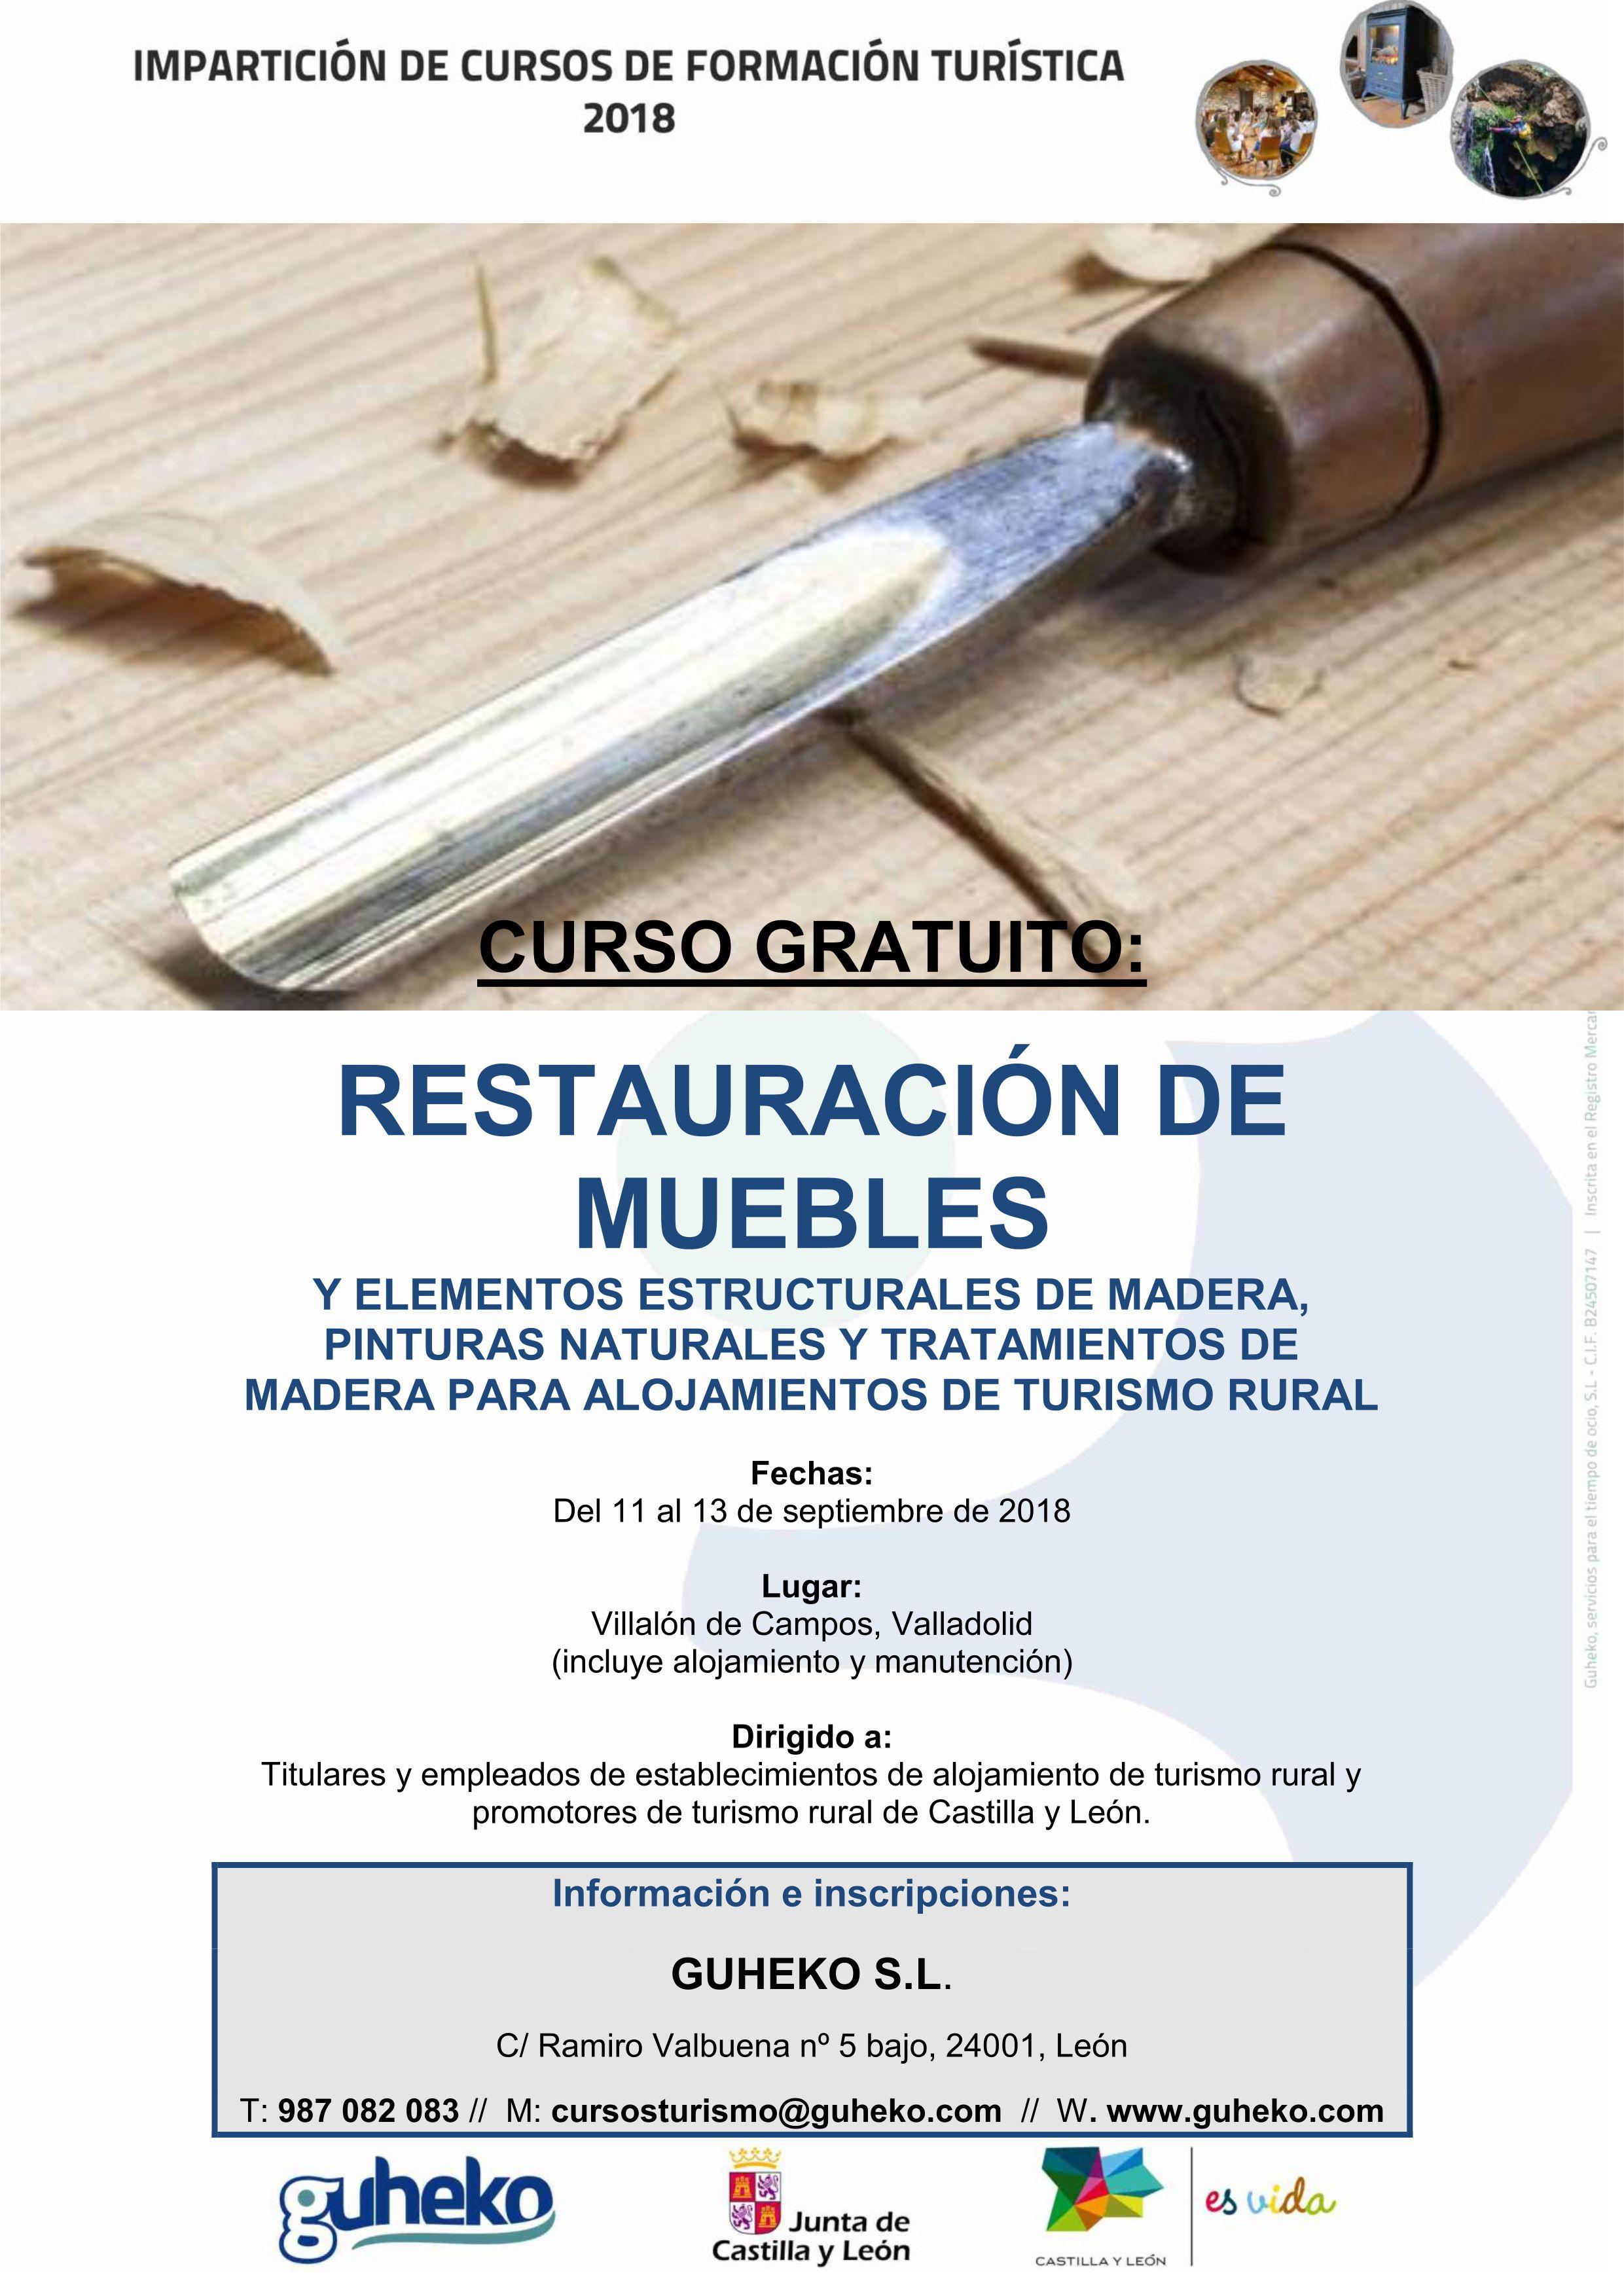 Fechas 11 12 y 13 de septiembre de 2018 for Cursos de restauracion de muebles en madrid